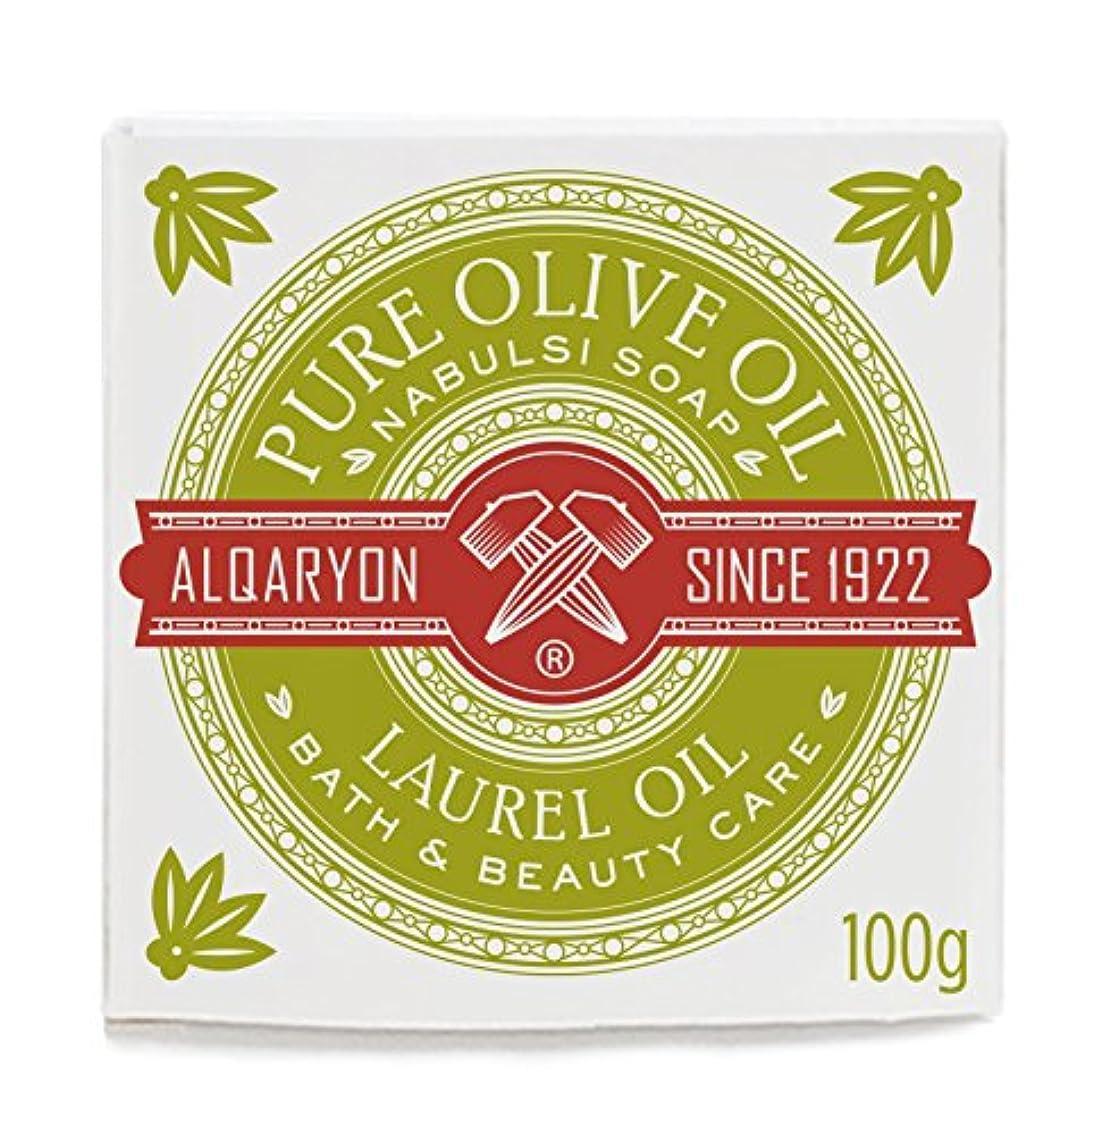 強制的バズ致命的Alqaryon Laurel Oil & Olive Oil Bar Soap Pack of 4 - AlqaryonのローレルオイルI&オリーブオイル ソープ、バス & ビューティー ケア、100gの石鹸4個のパック